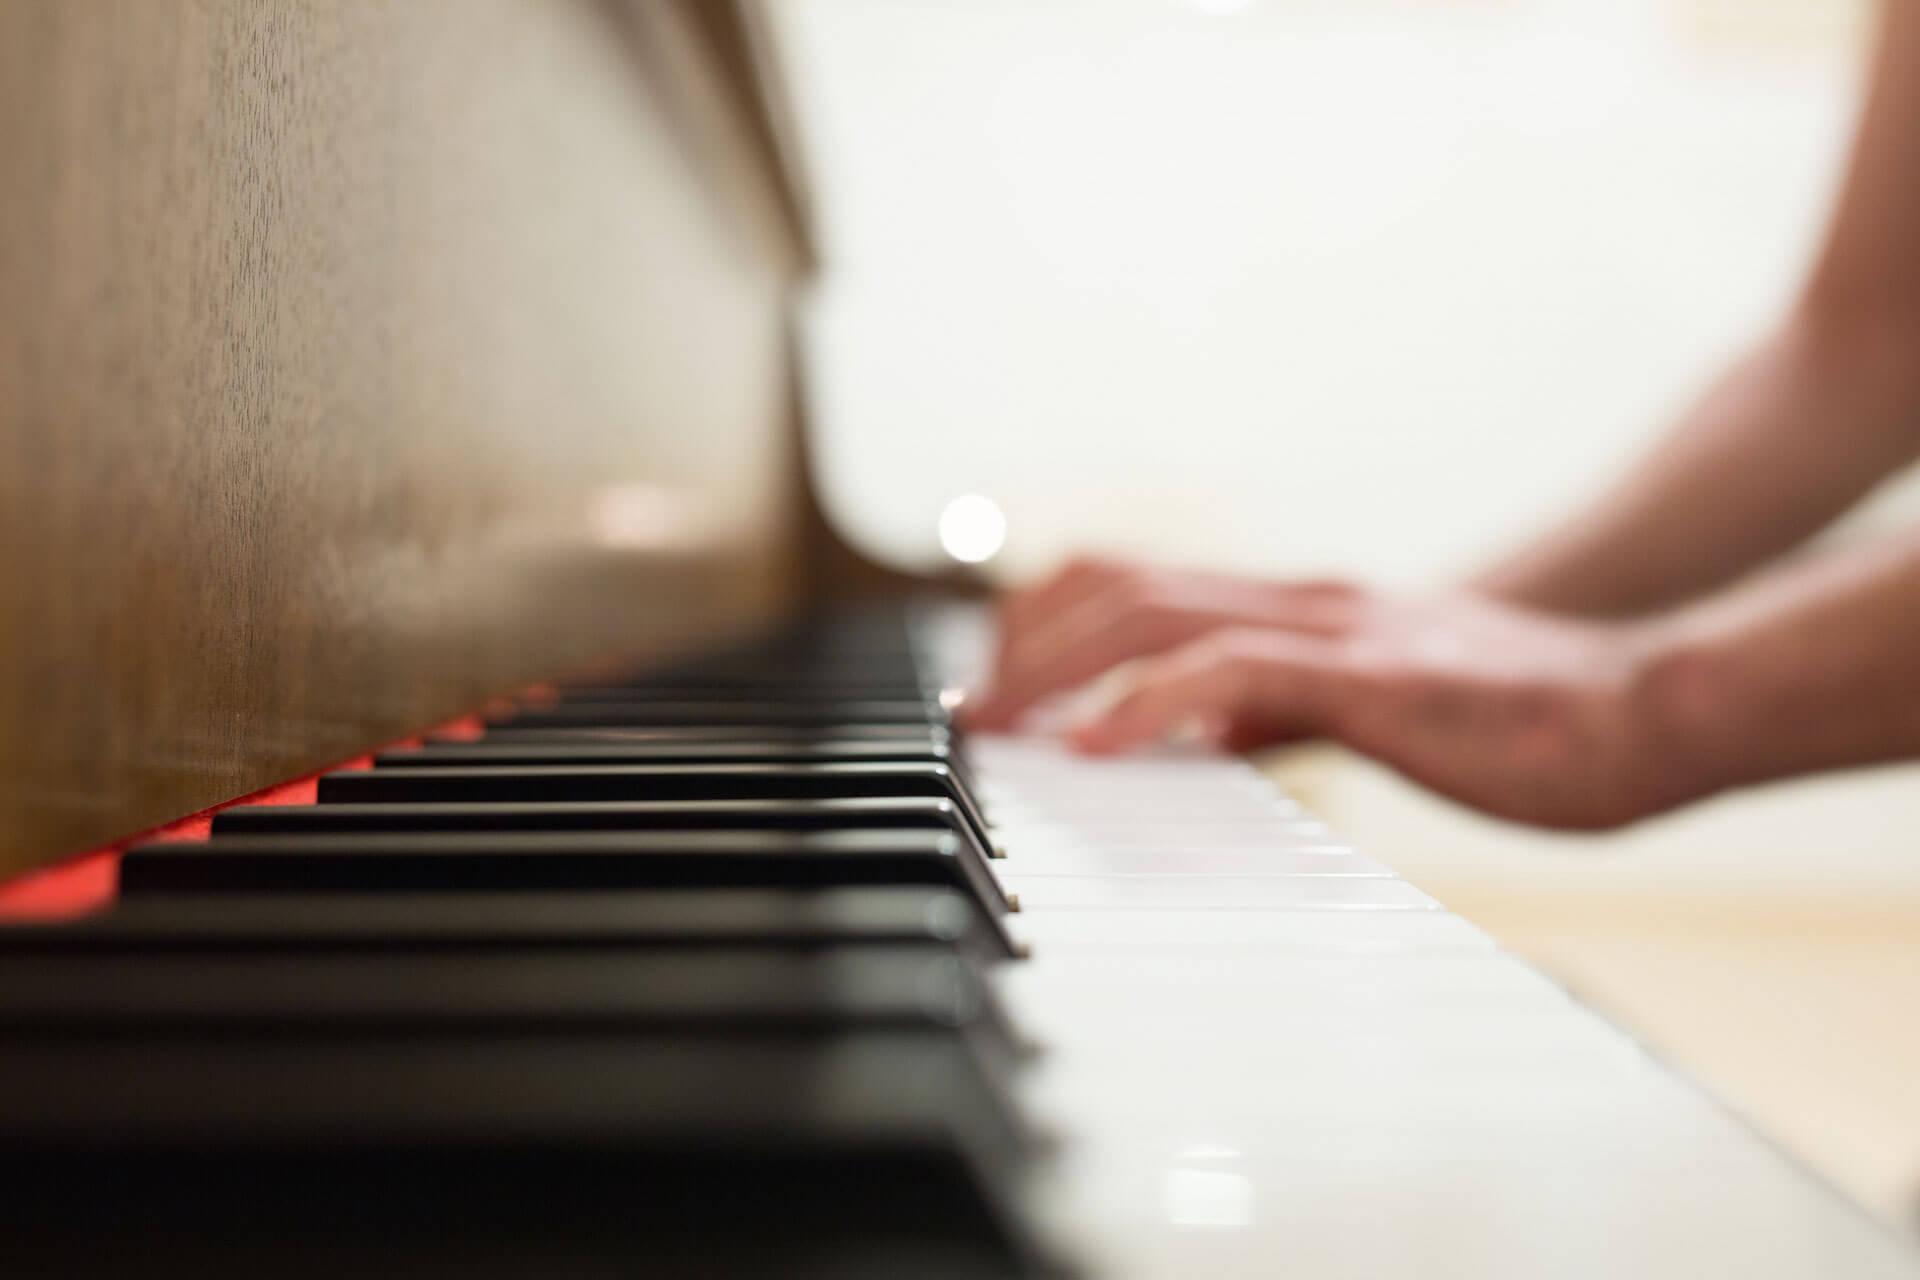 大人になってからでもピアノは弾けるようになるのか?